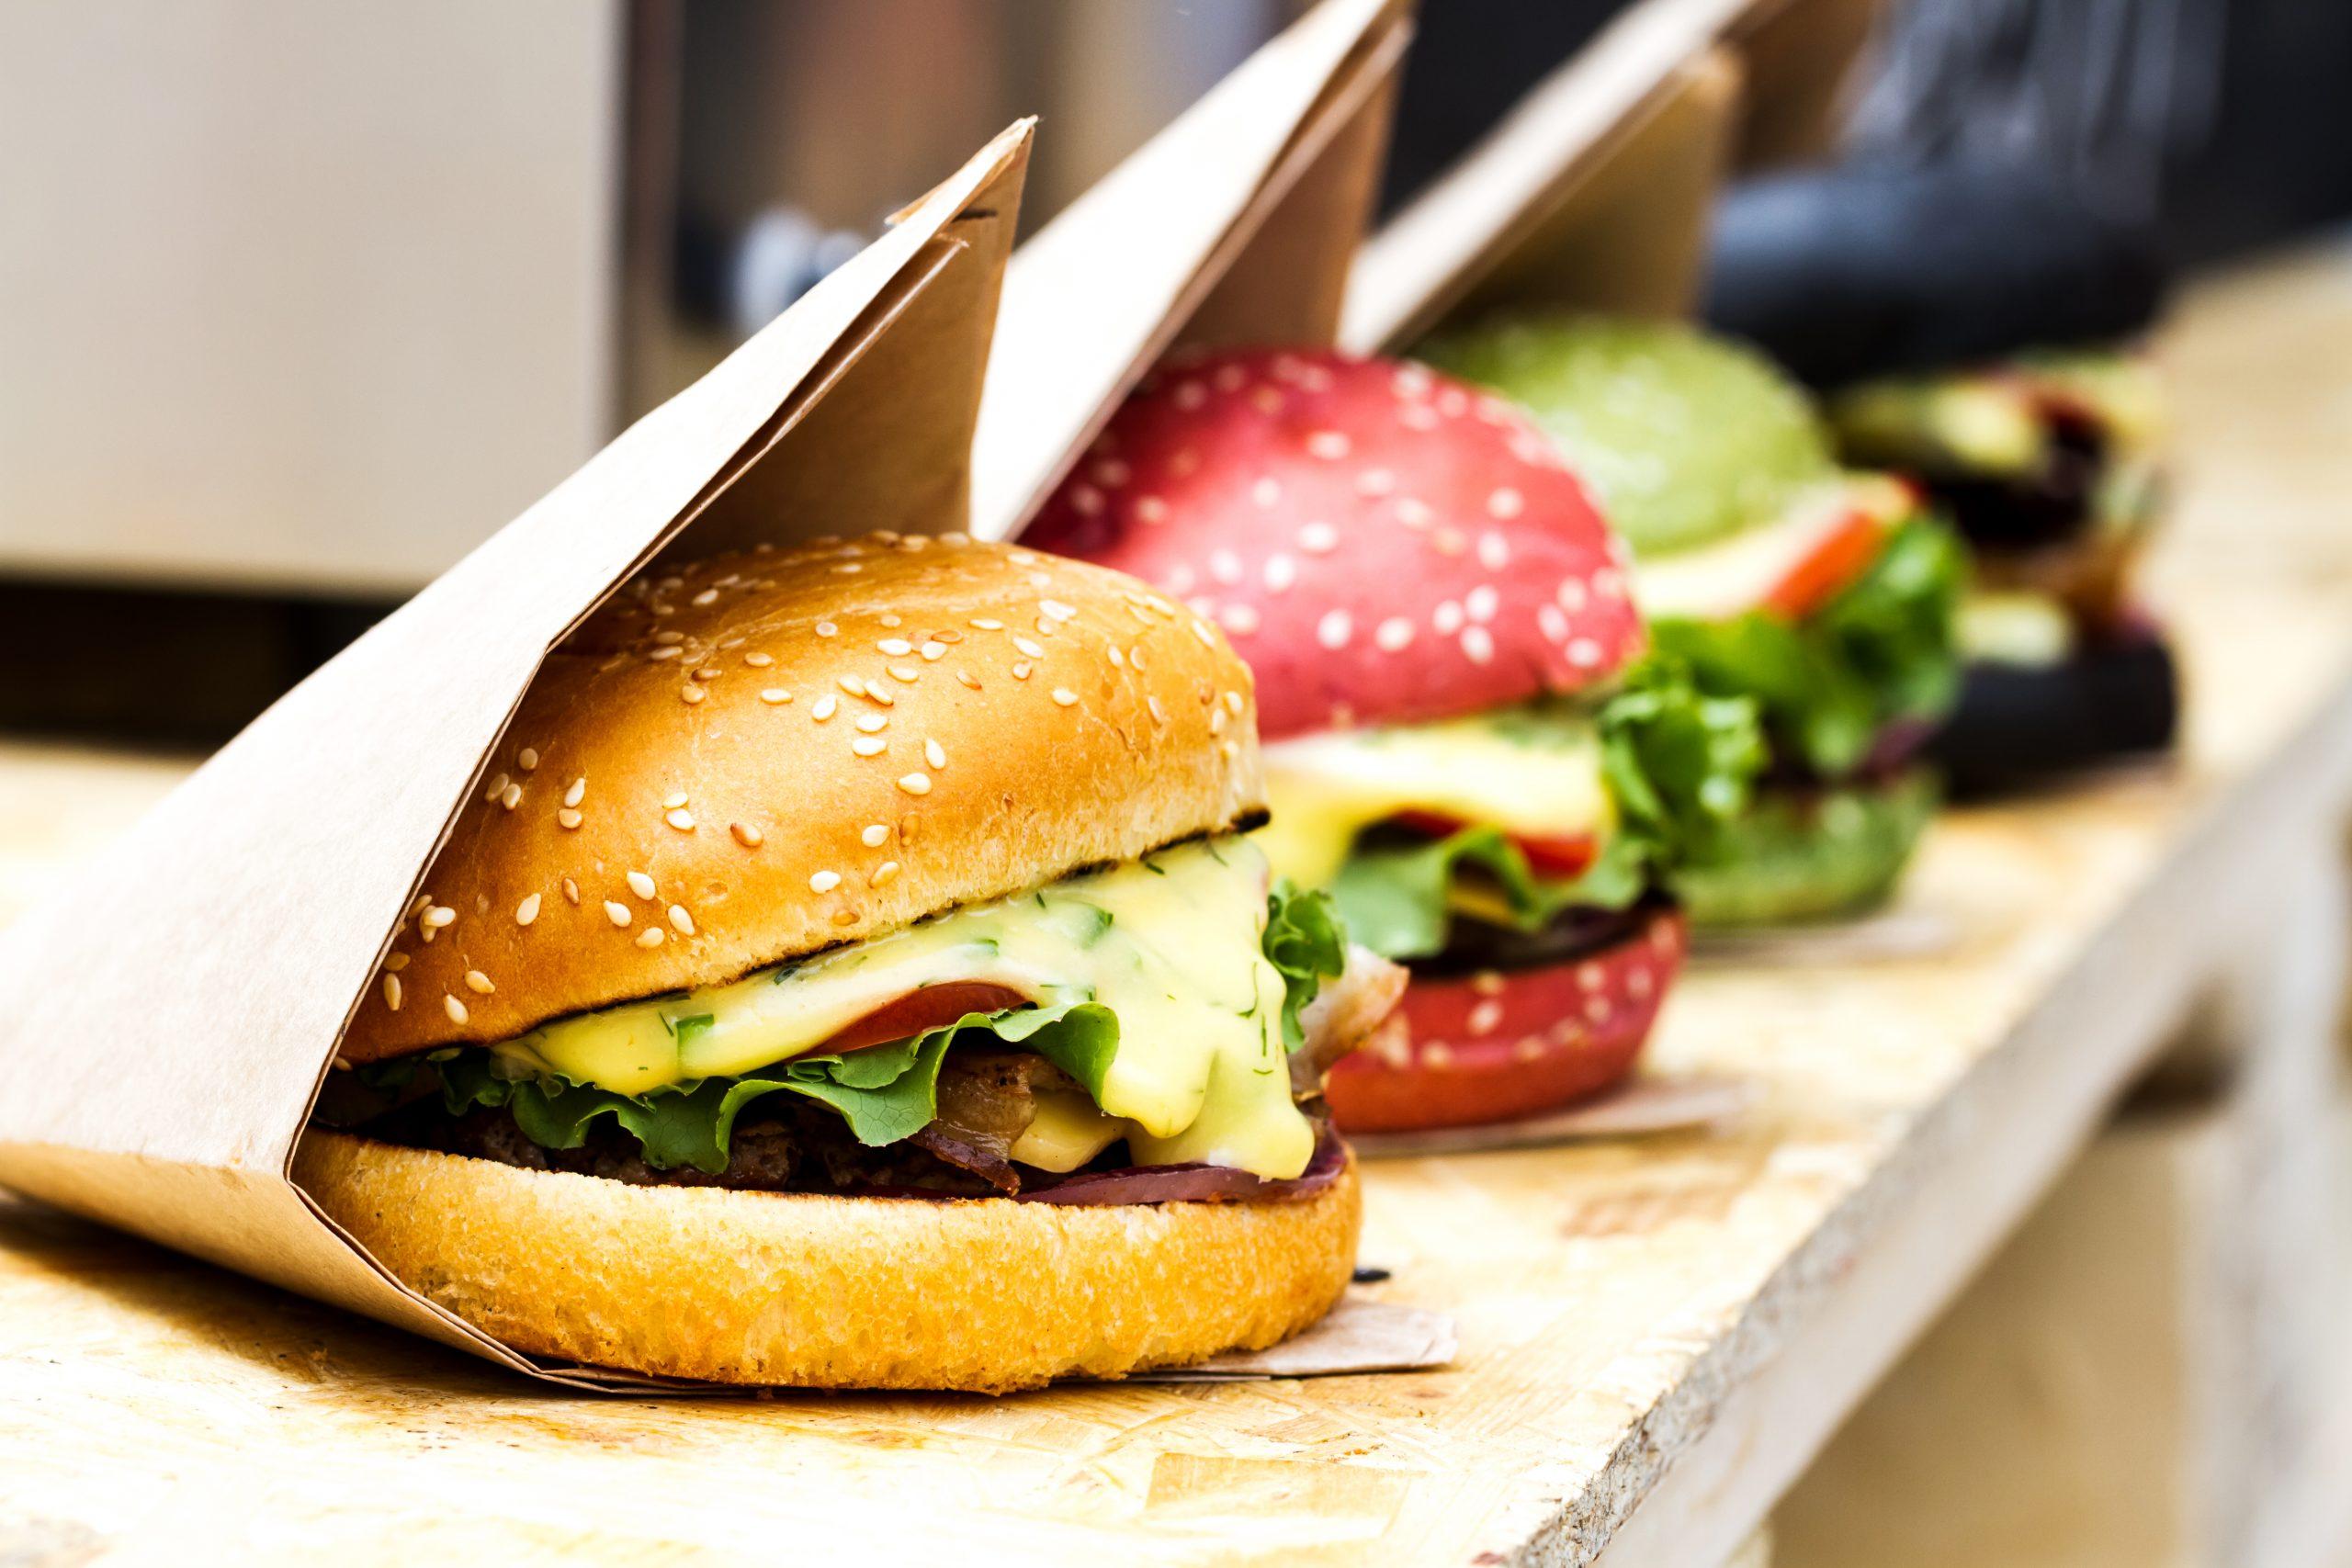 Pourquoi doit-on définir son concept lorsque l'on souhaite ouvrir un restaurant ?